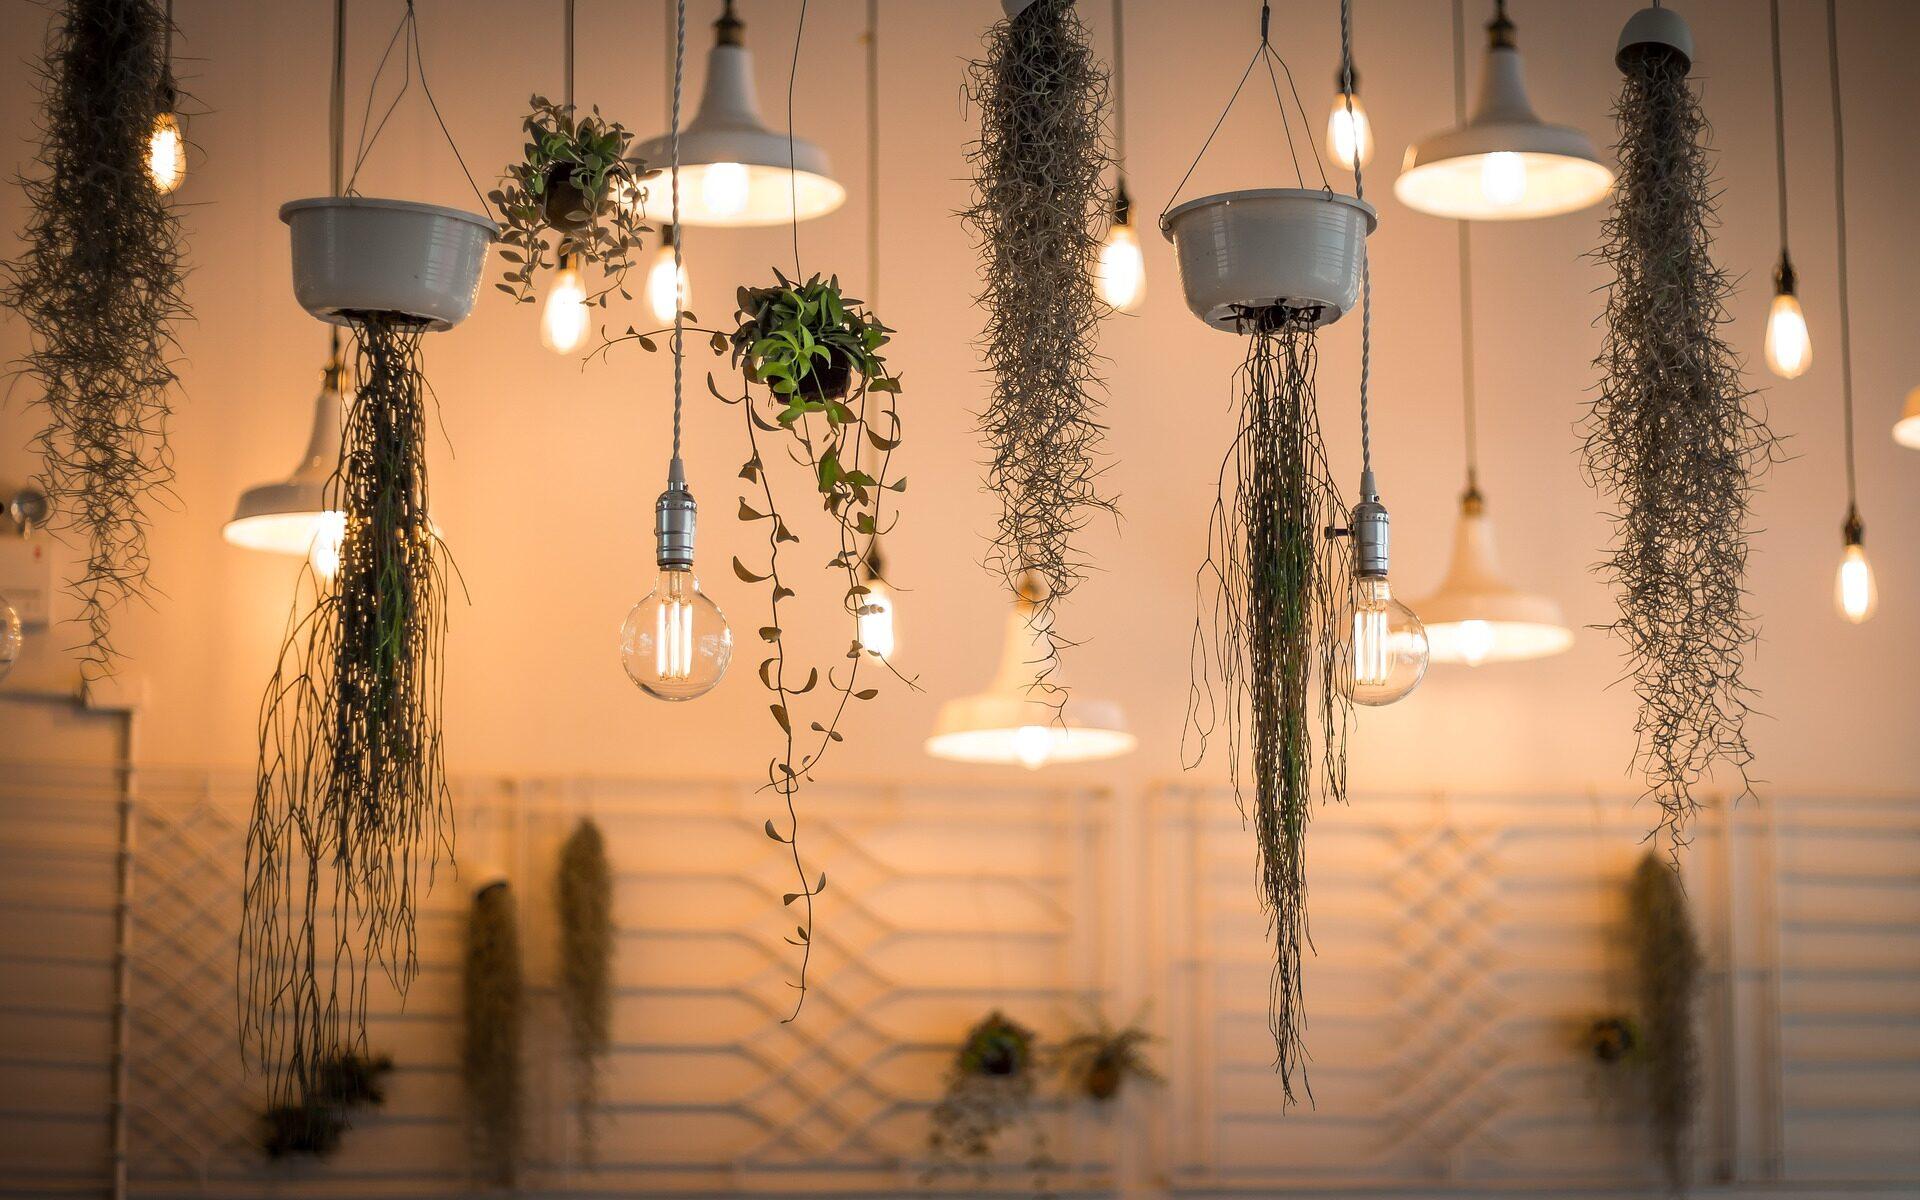 Decoración plantas interior I fuente: Pixabay